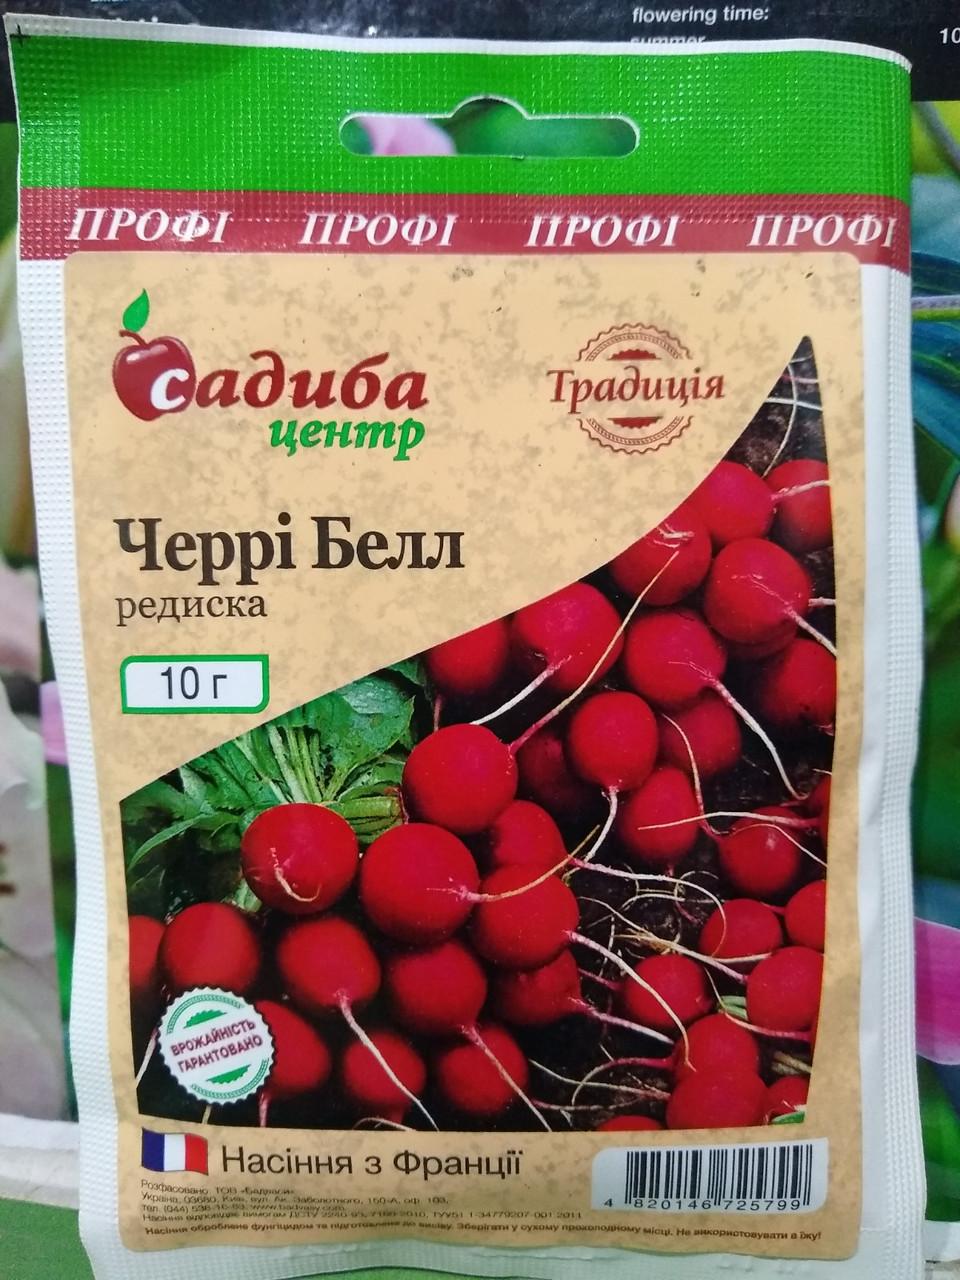 Редиска Черри Белл красная круглая семена 10 грамм, Франция  семена обработаны